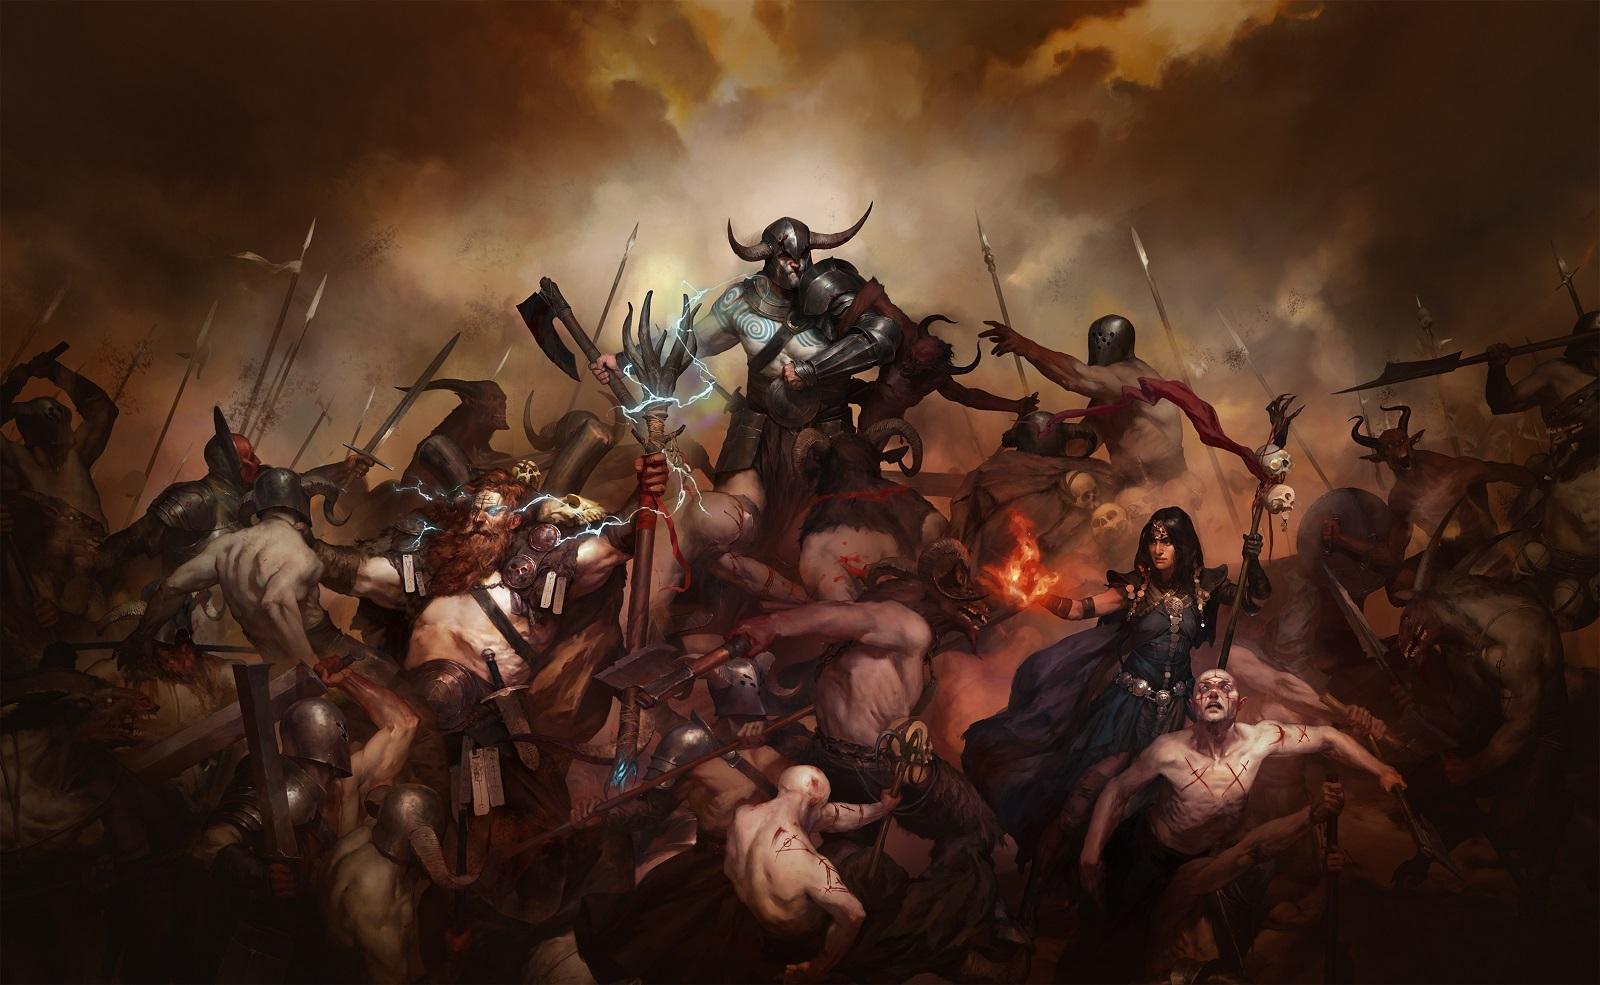 Activision Blizzard задалась целью продвинуть искусство жанра ролевых экшенов вперёд с помощью Diablo IV